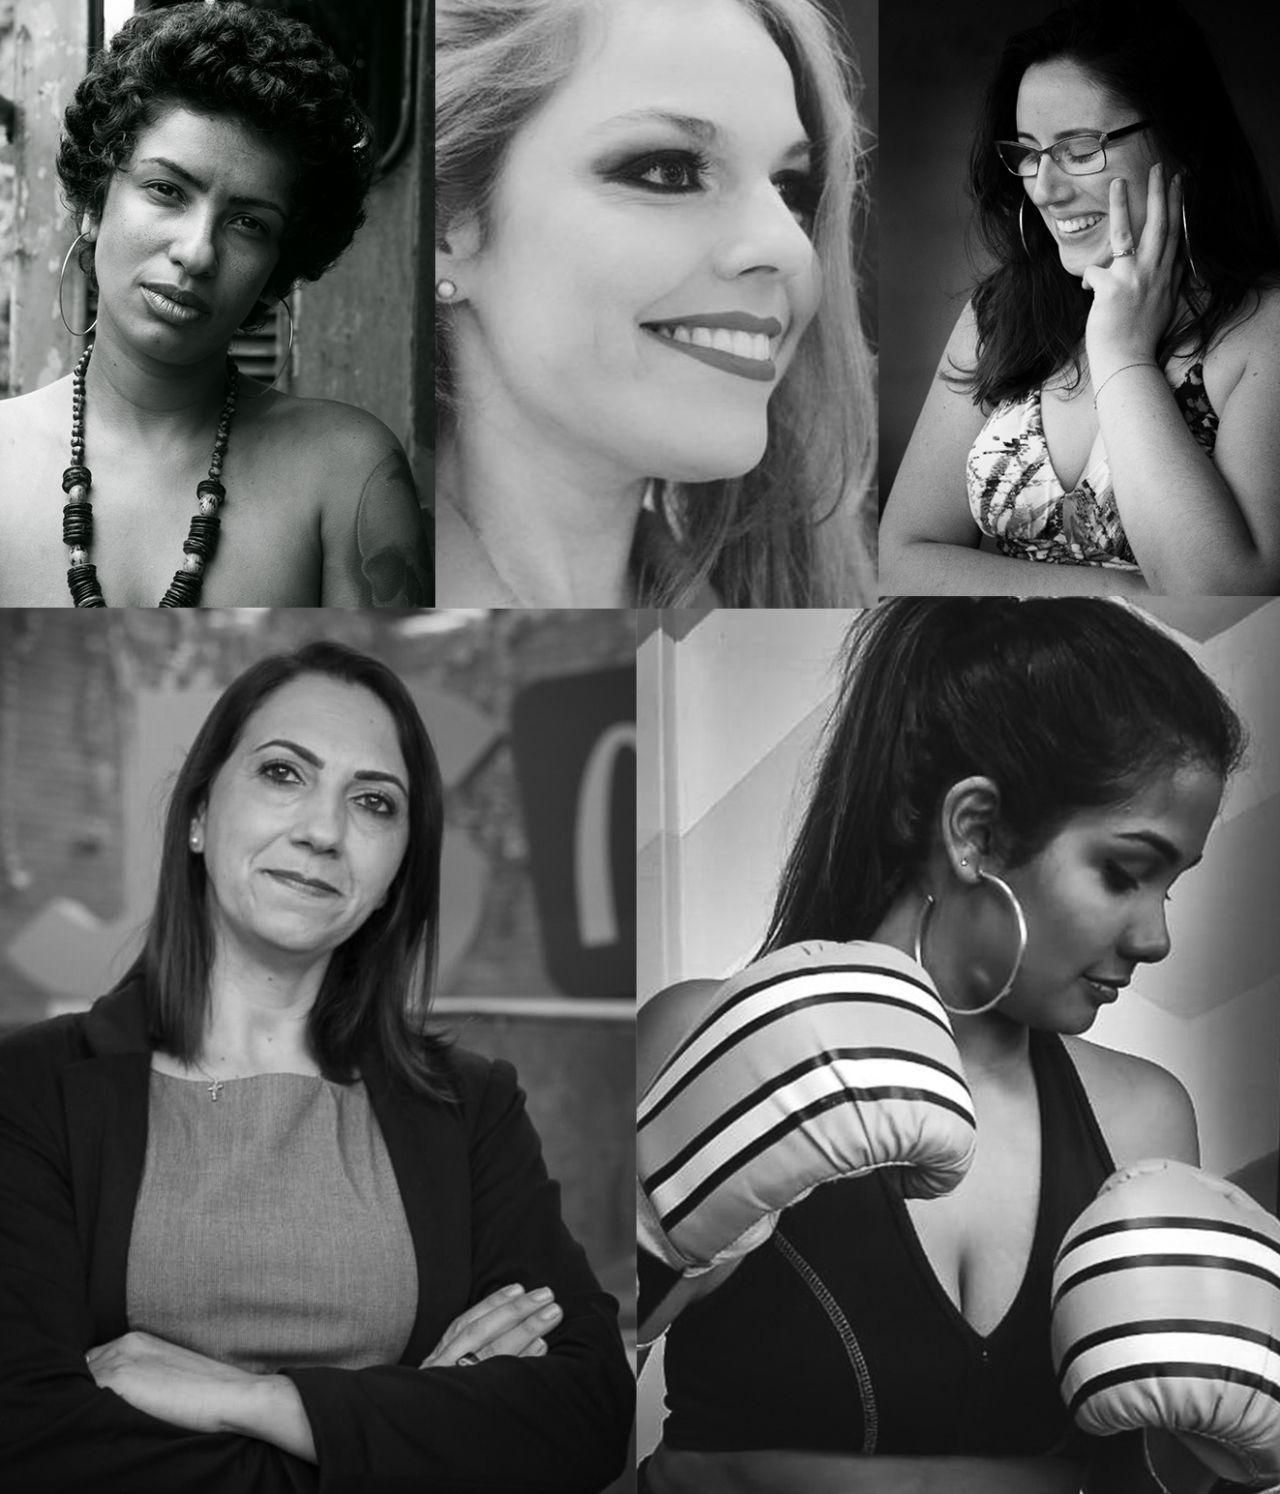 Mosaico com fotos em preto e branco de mulheres